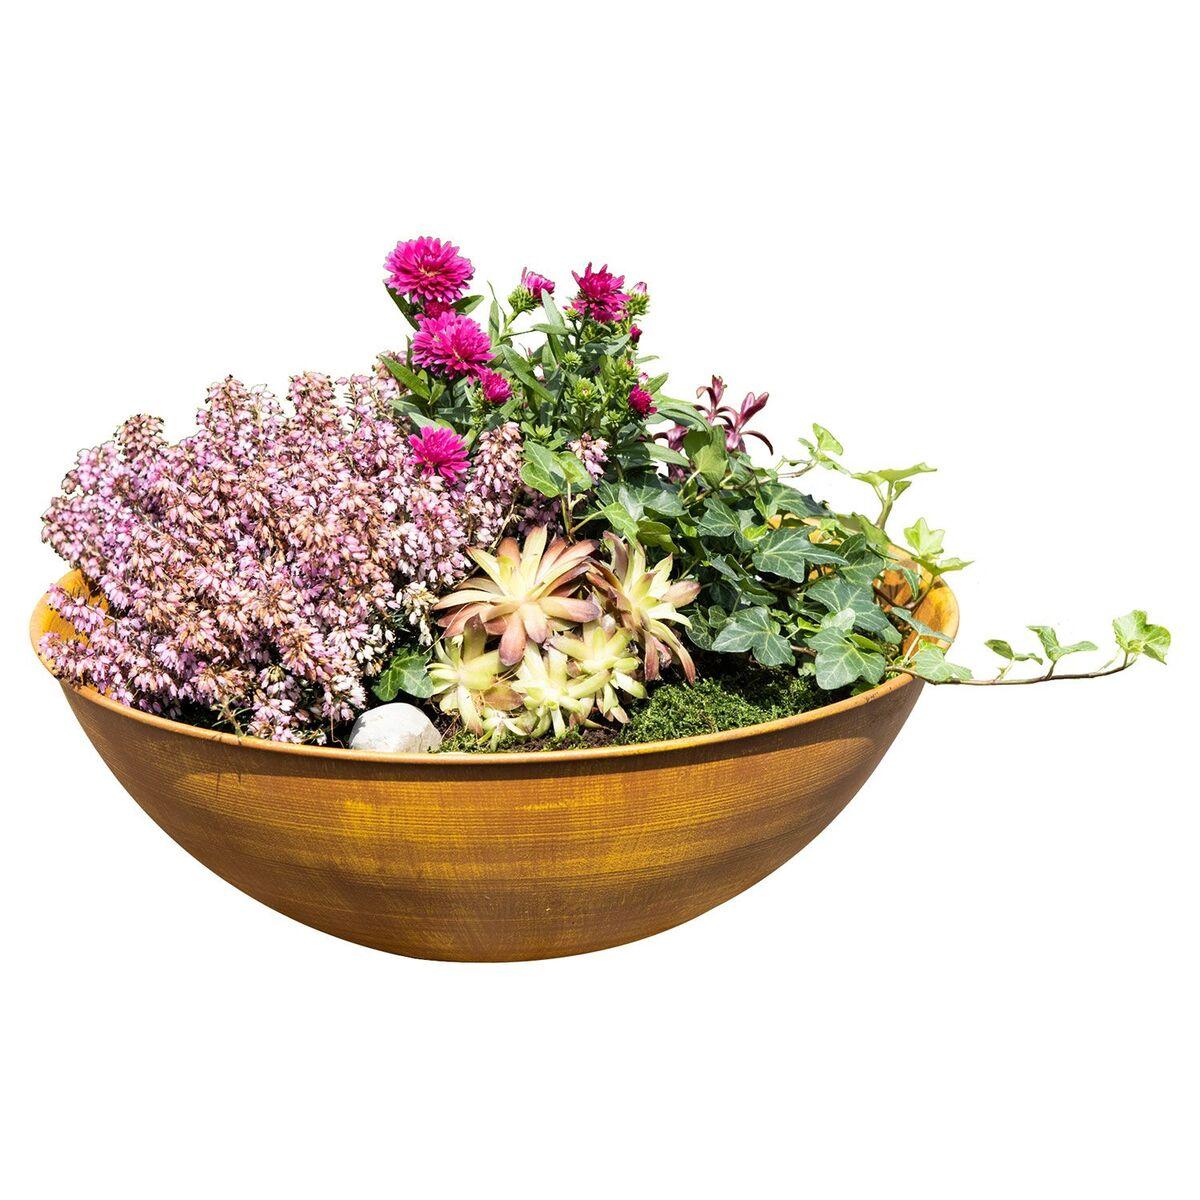 Bild 1 von CASA DECO Gartendekoration